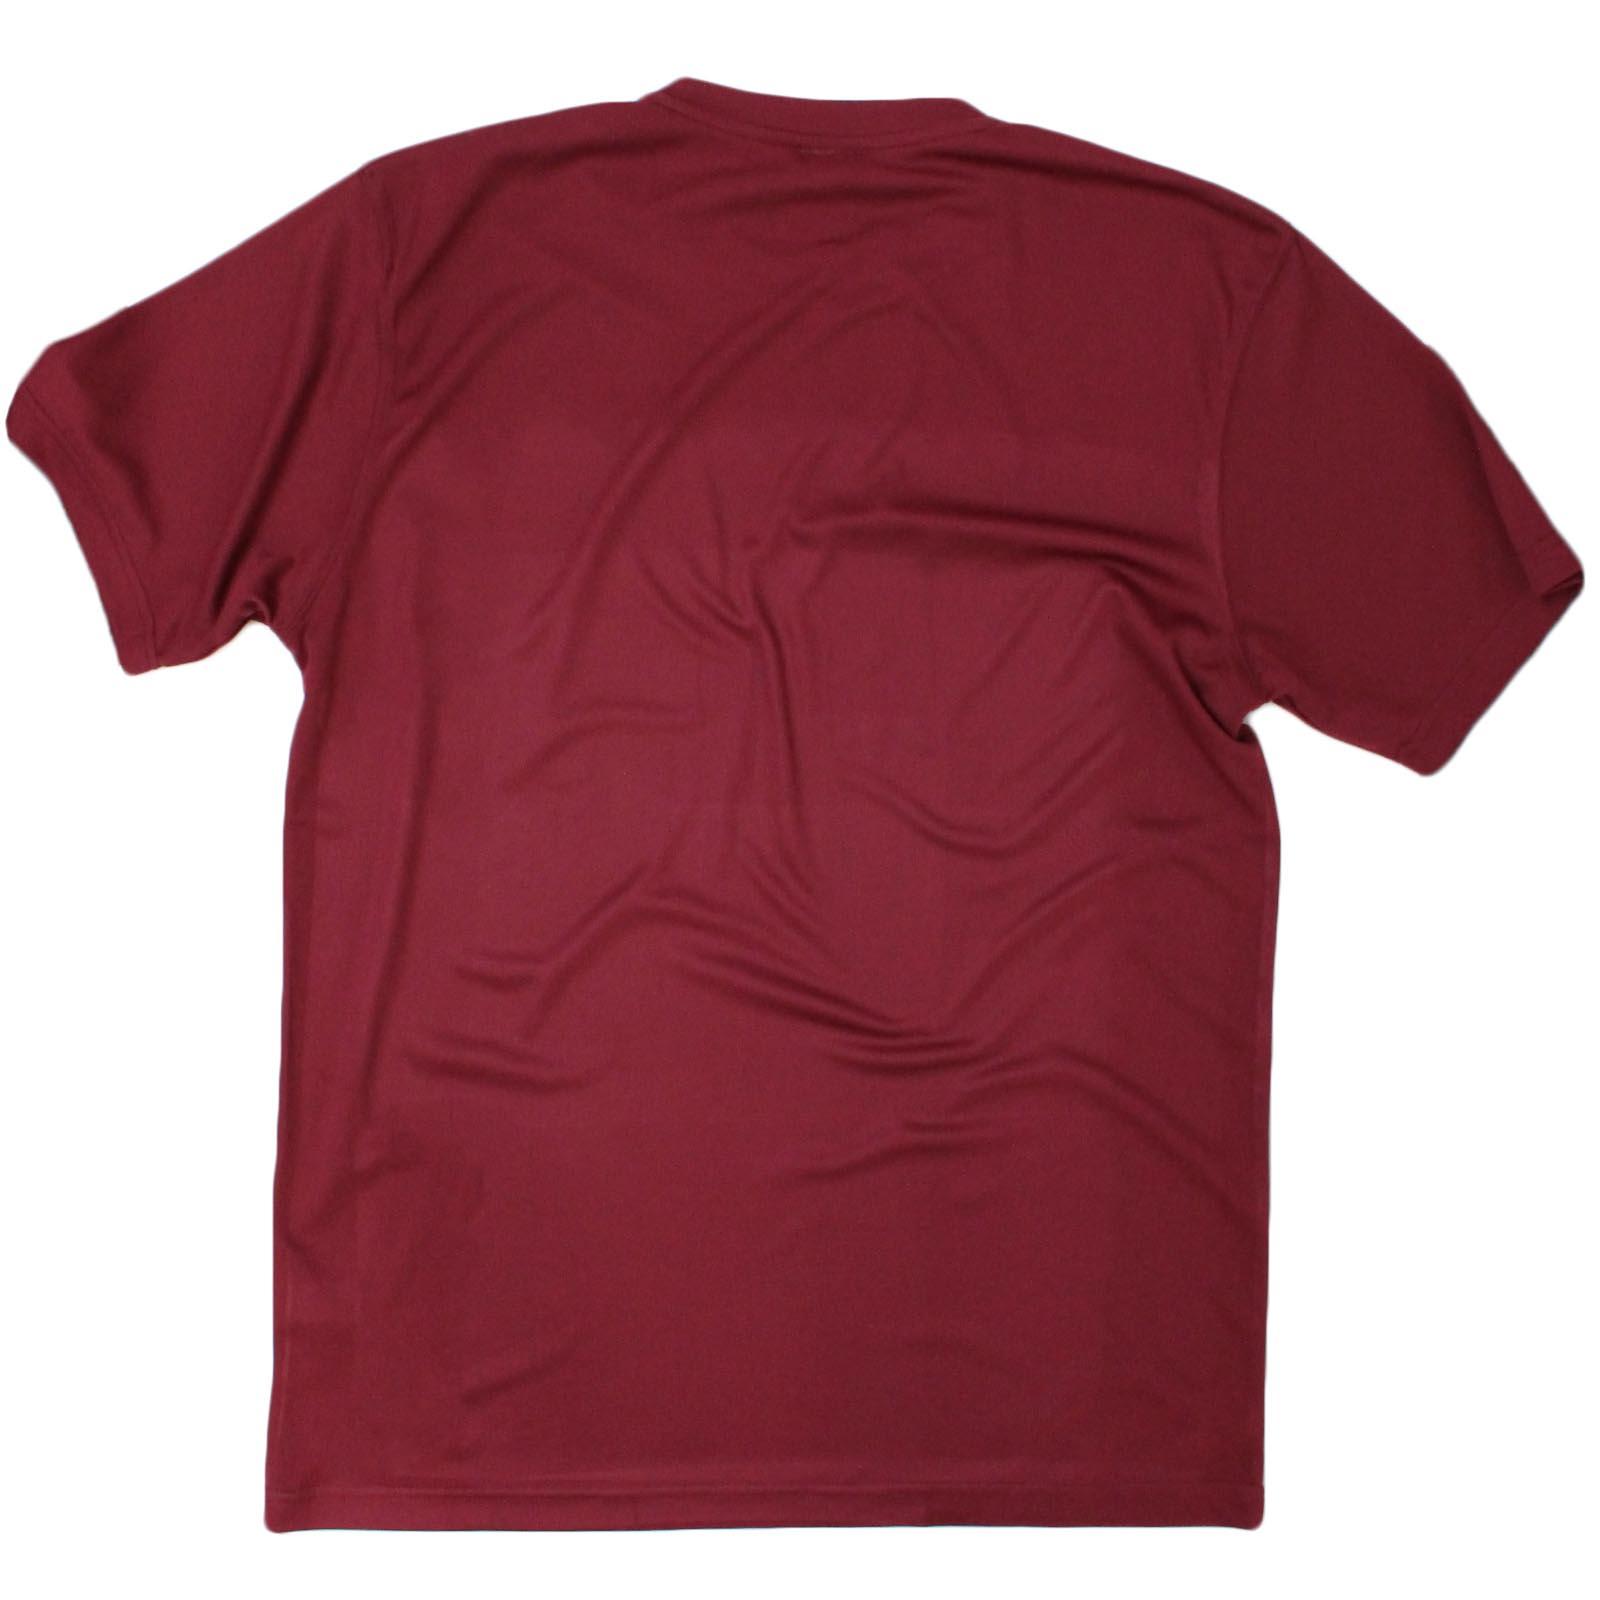 Hombres Sexo pesos y batidos de proteínas debilidad es una opción Dry Fit camiseta deportiva